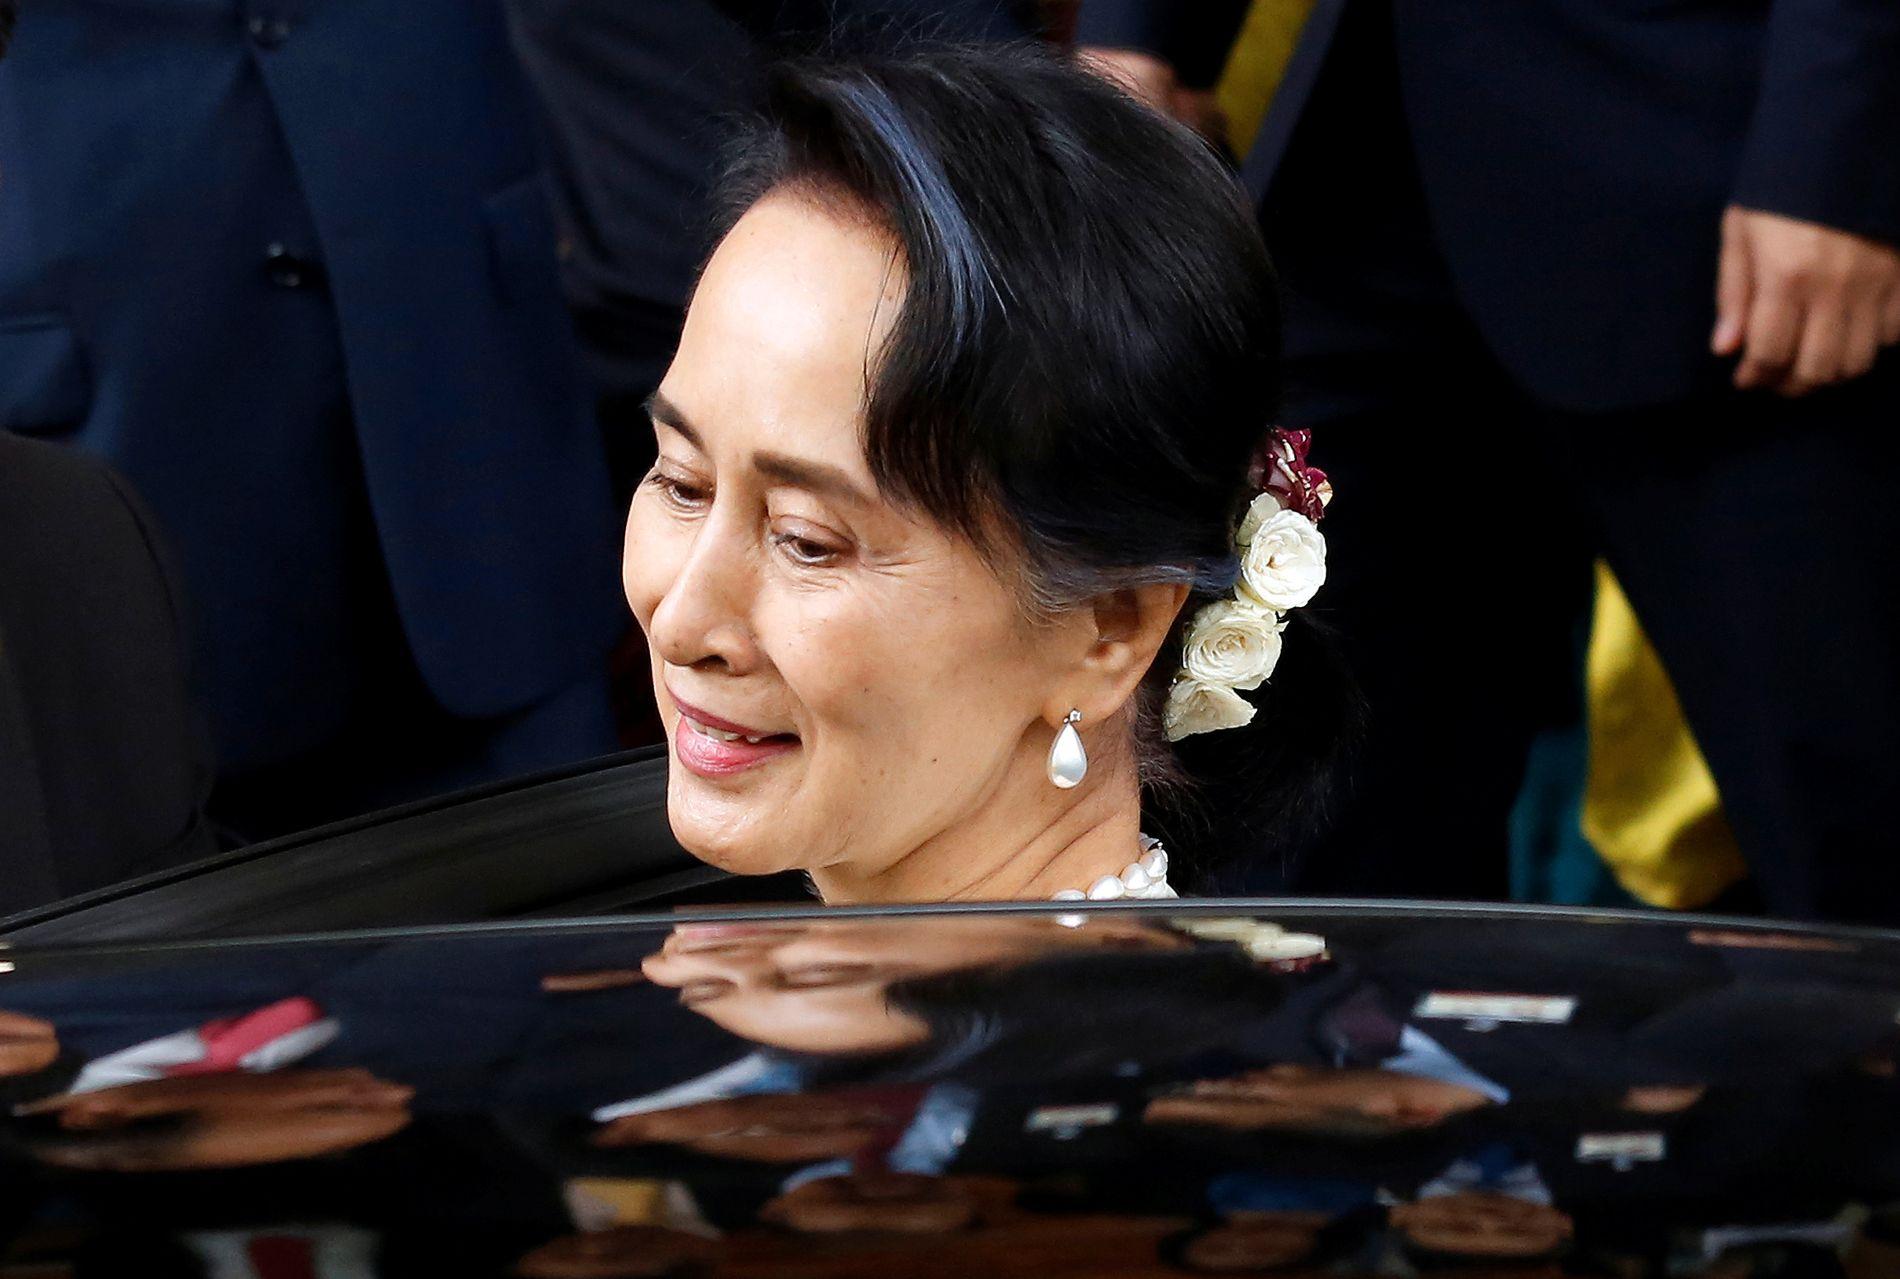 KRITIKK: Aung San Suu Kyi får massiv kritikk etter folkemordet på Rhingya-minoriteten i Myanmar.